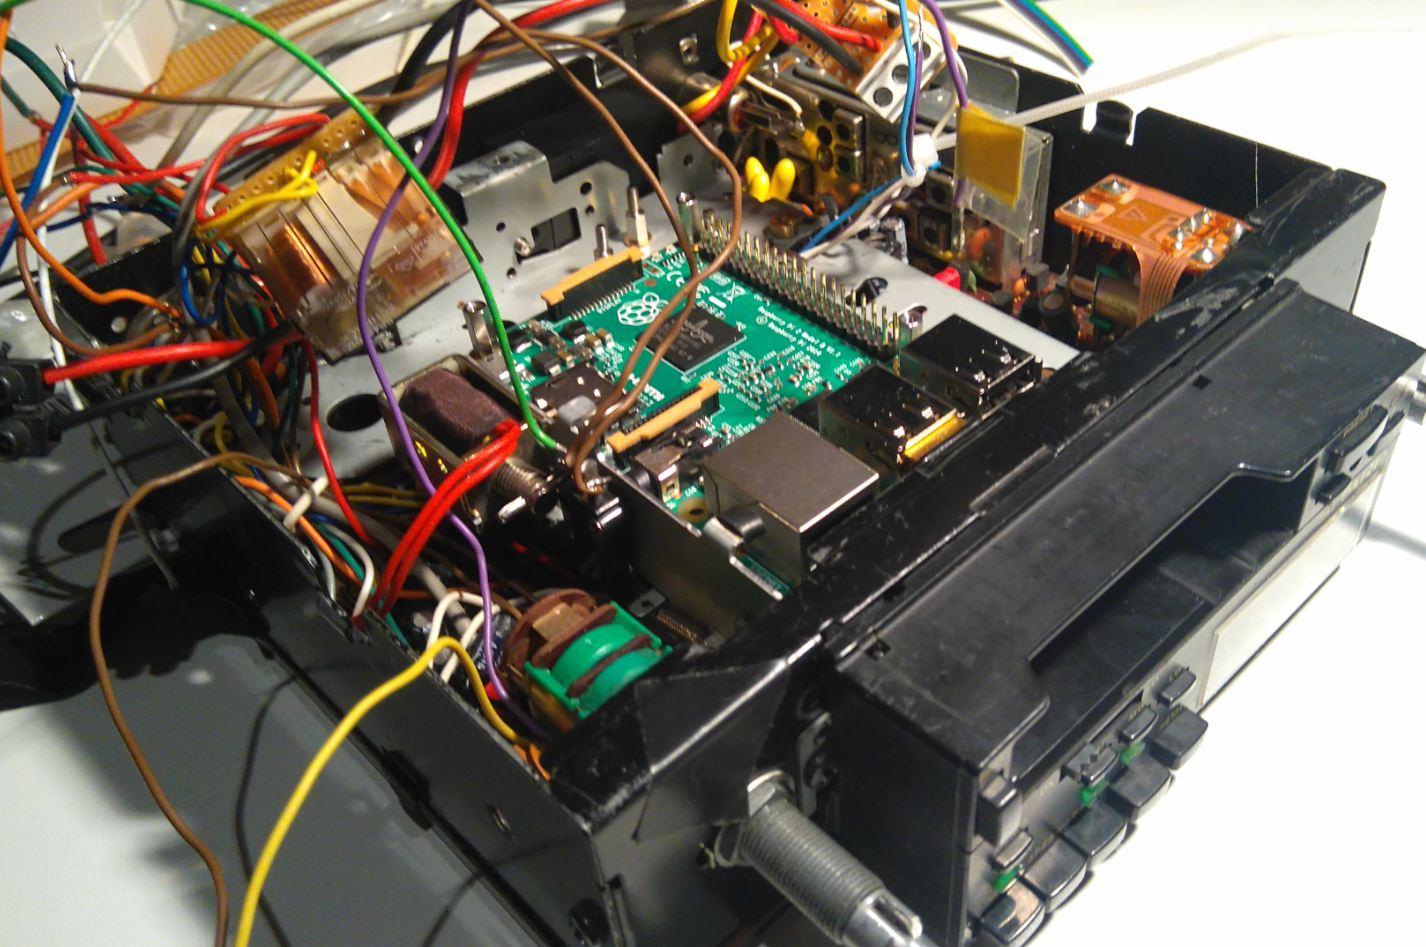 Cassette deck in an old Ferrari, Pi-fied - Raspberry Pi